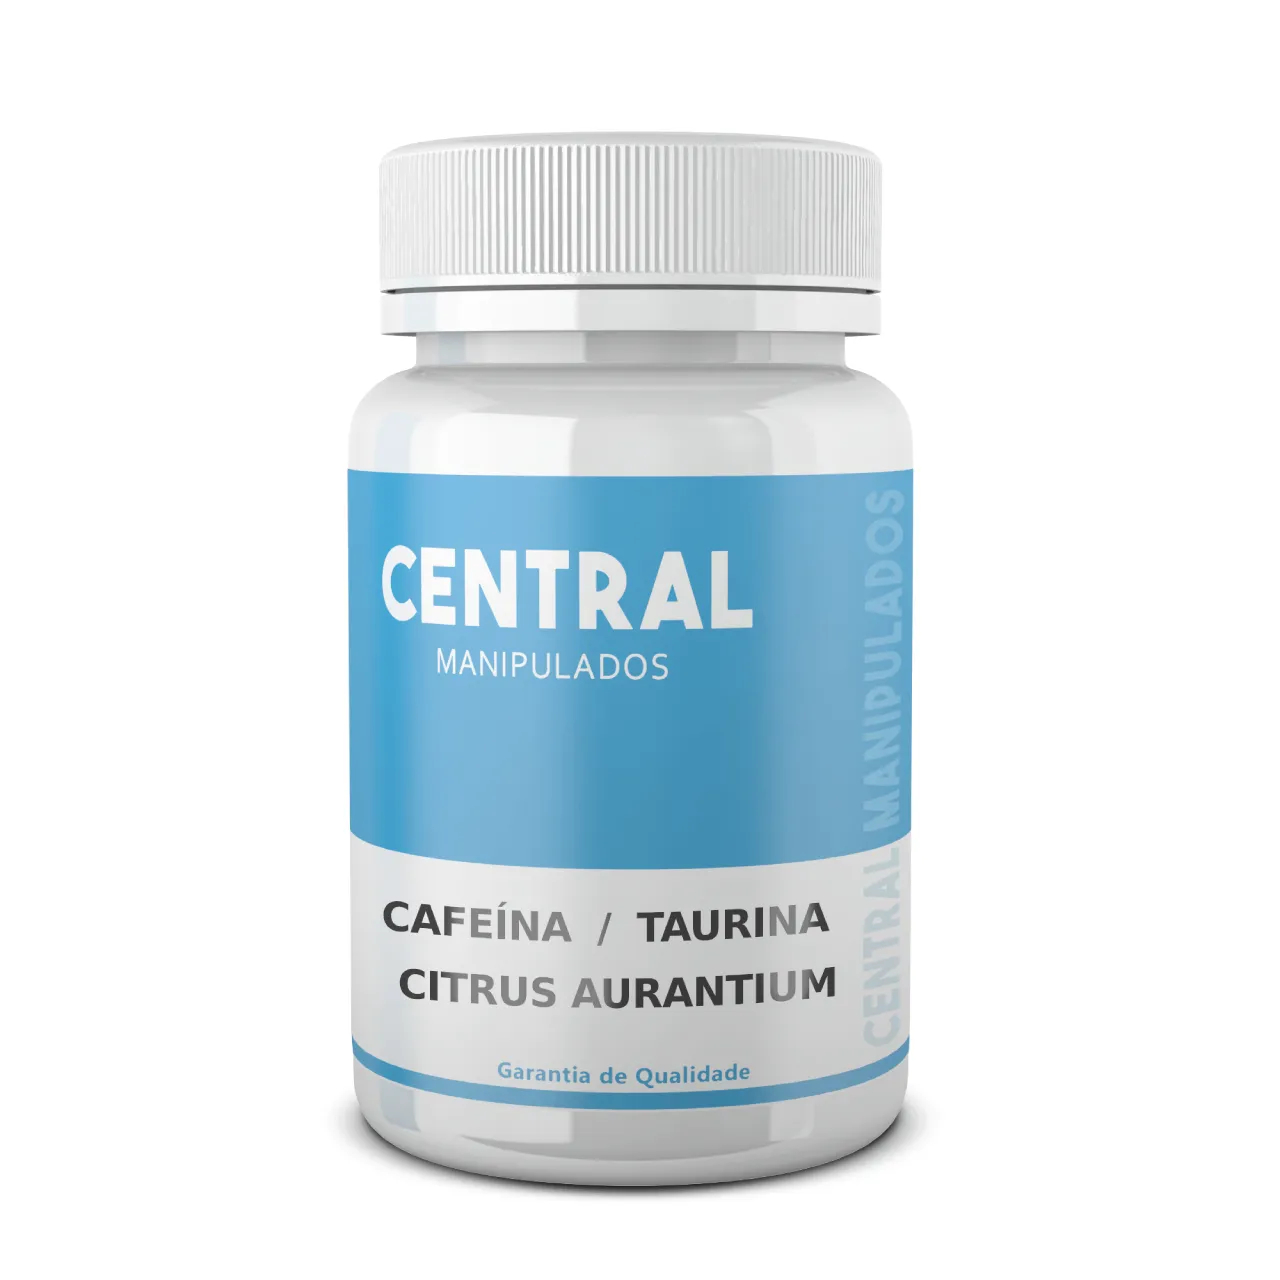 Cafeína 210mg + Taurina 200mg + Citrus Aurantium 100mg - 180 Cápsulas - Termogênico Turbinado